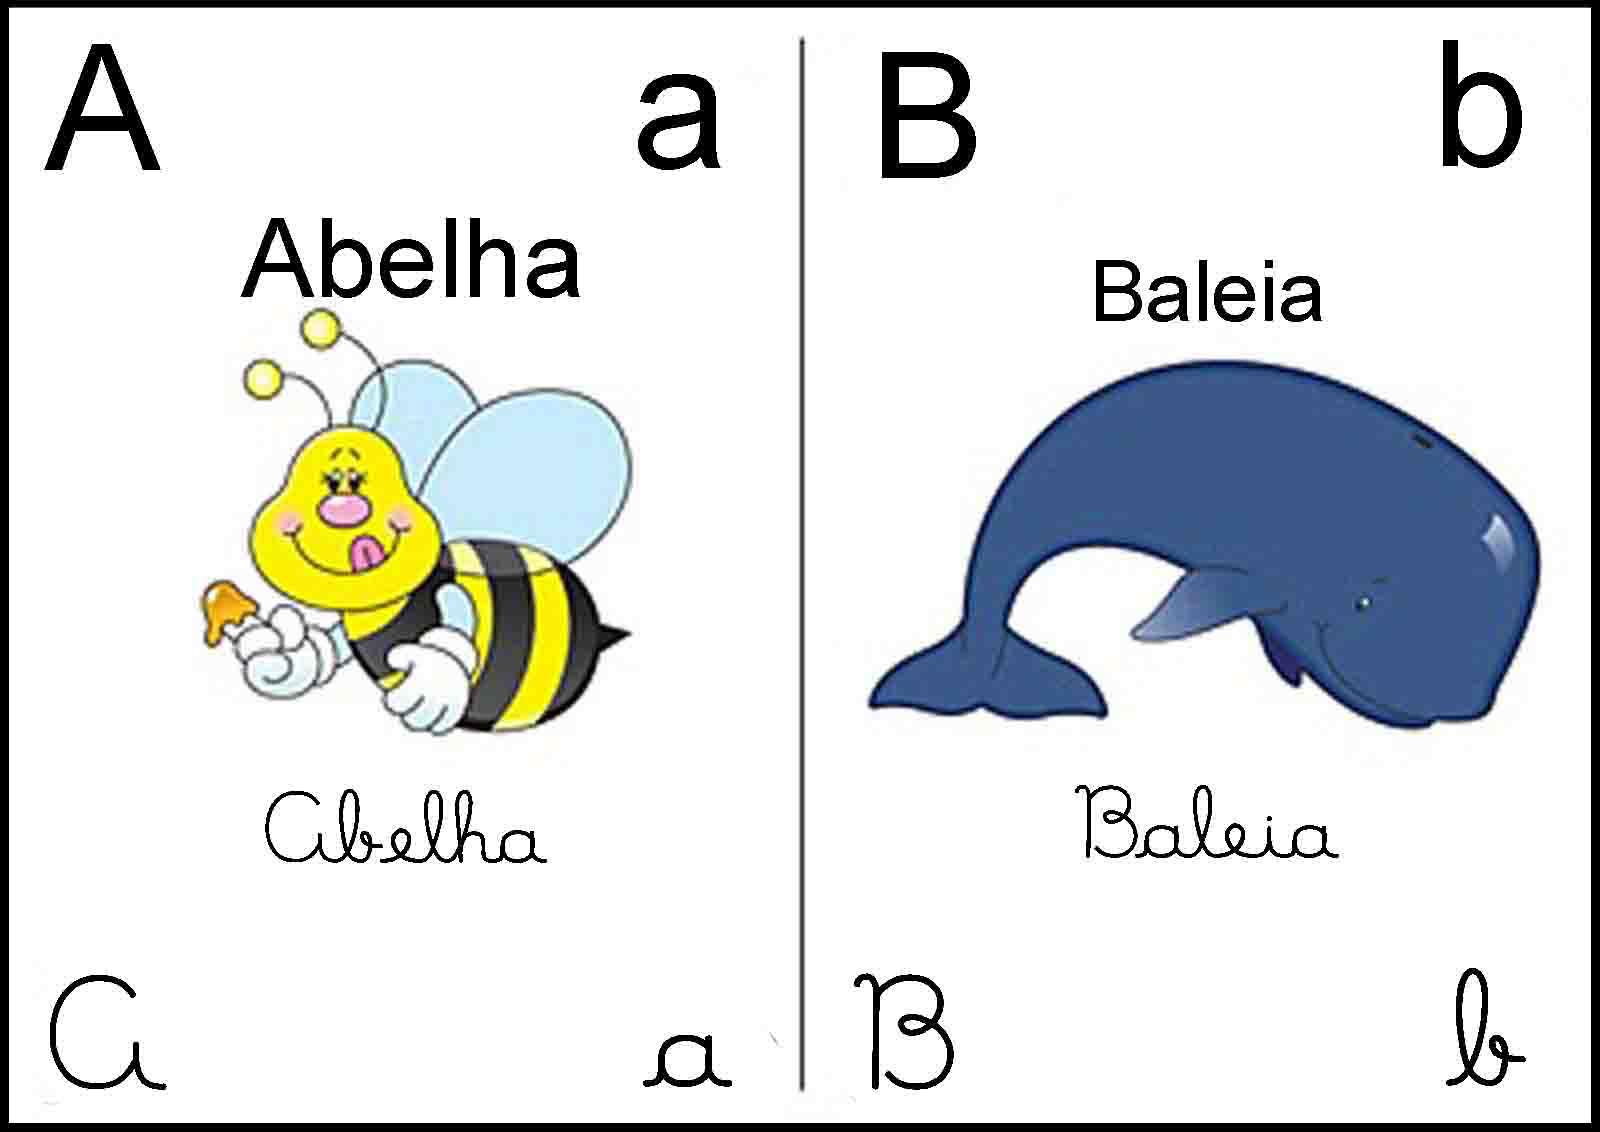 um modelo de alfabeto , agora um modelinho de alfabeto ilustrado para